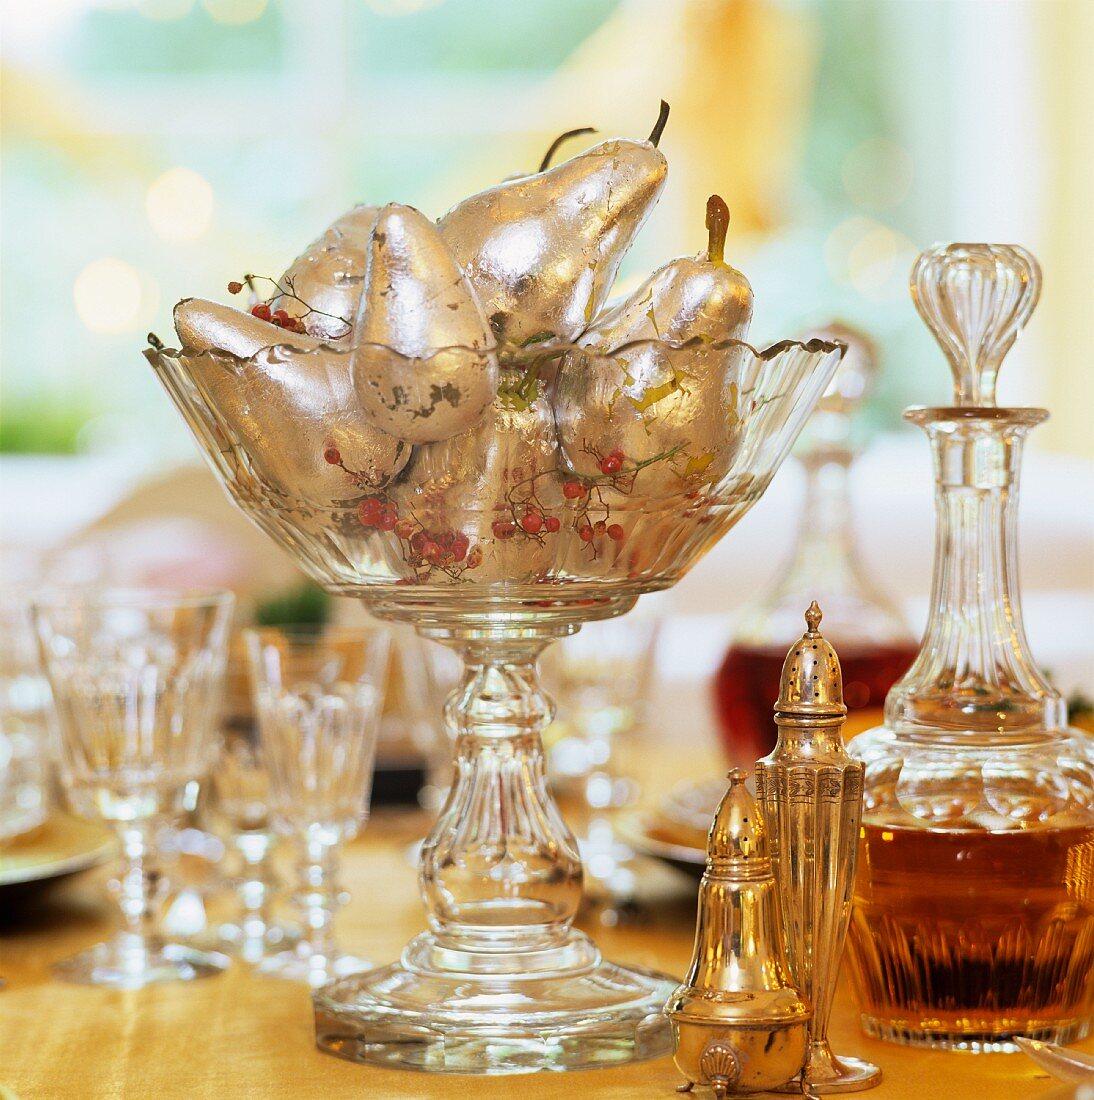 Versilberte Dekobirnen in Glasschale mit Fuss neben Kristallflasche und Salz-und Pfeffer Set